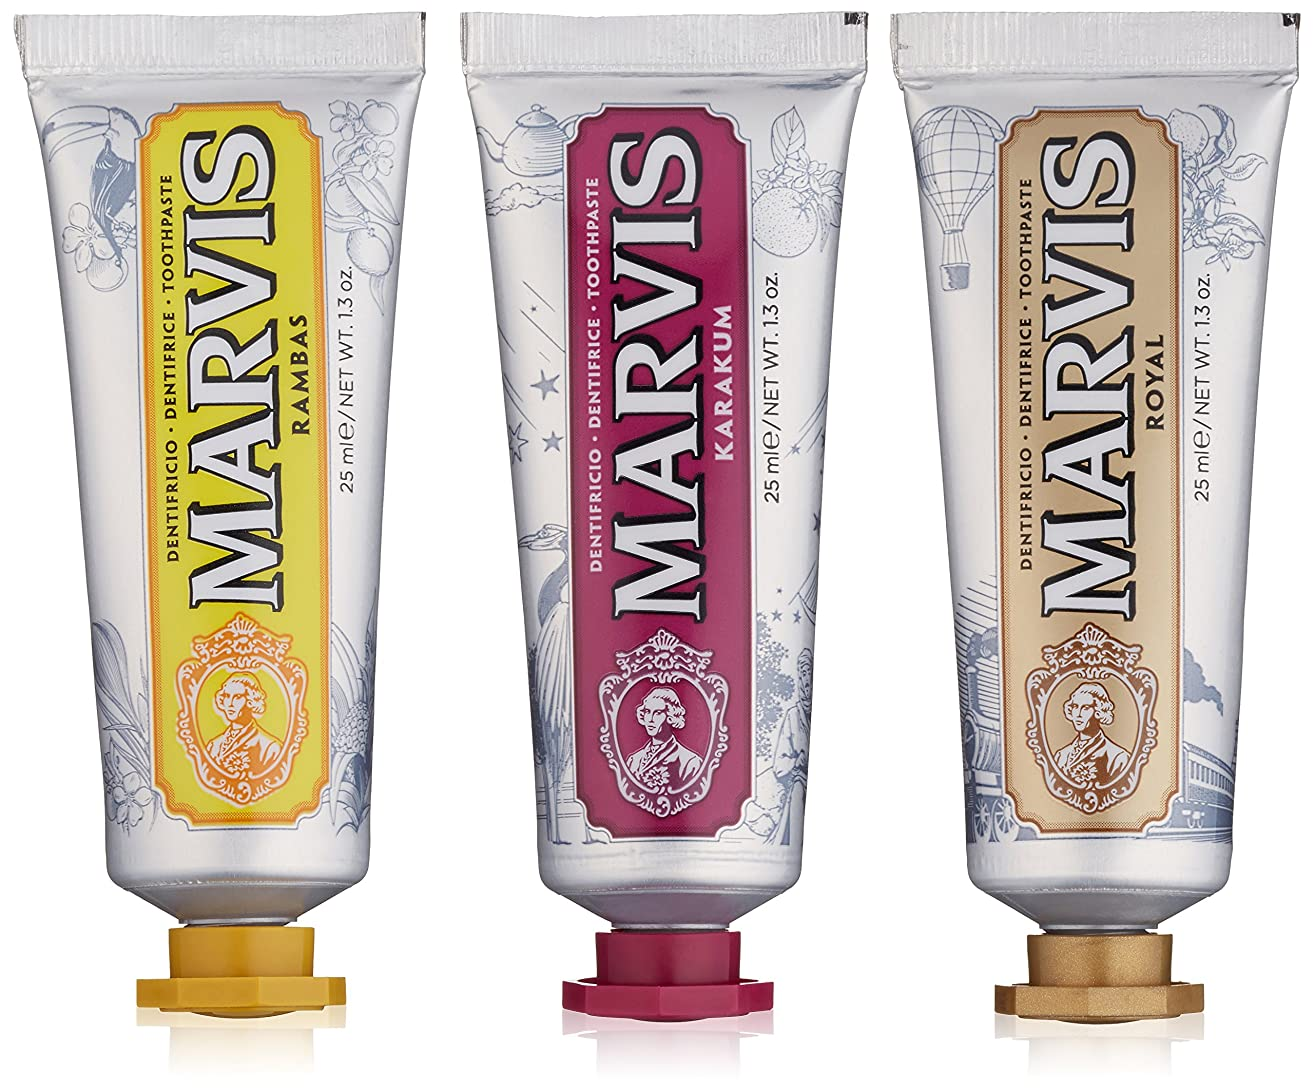 異なる馬鹿げたしわMARVIS(マービス) ワンダーズオブザワールド コレクション (歯みがき粉) 25ml x 3本